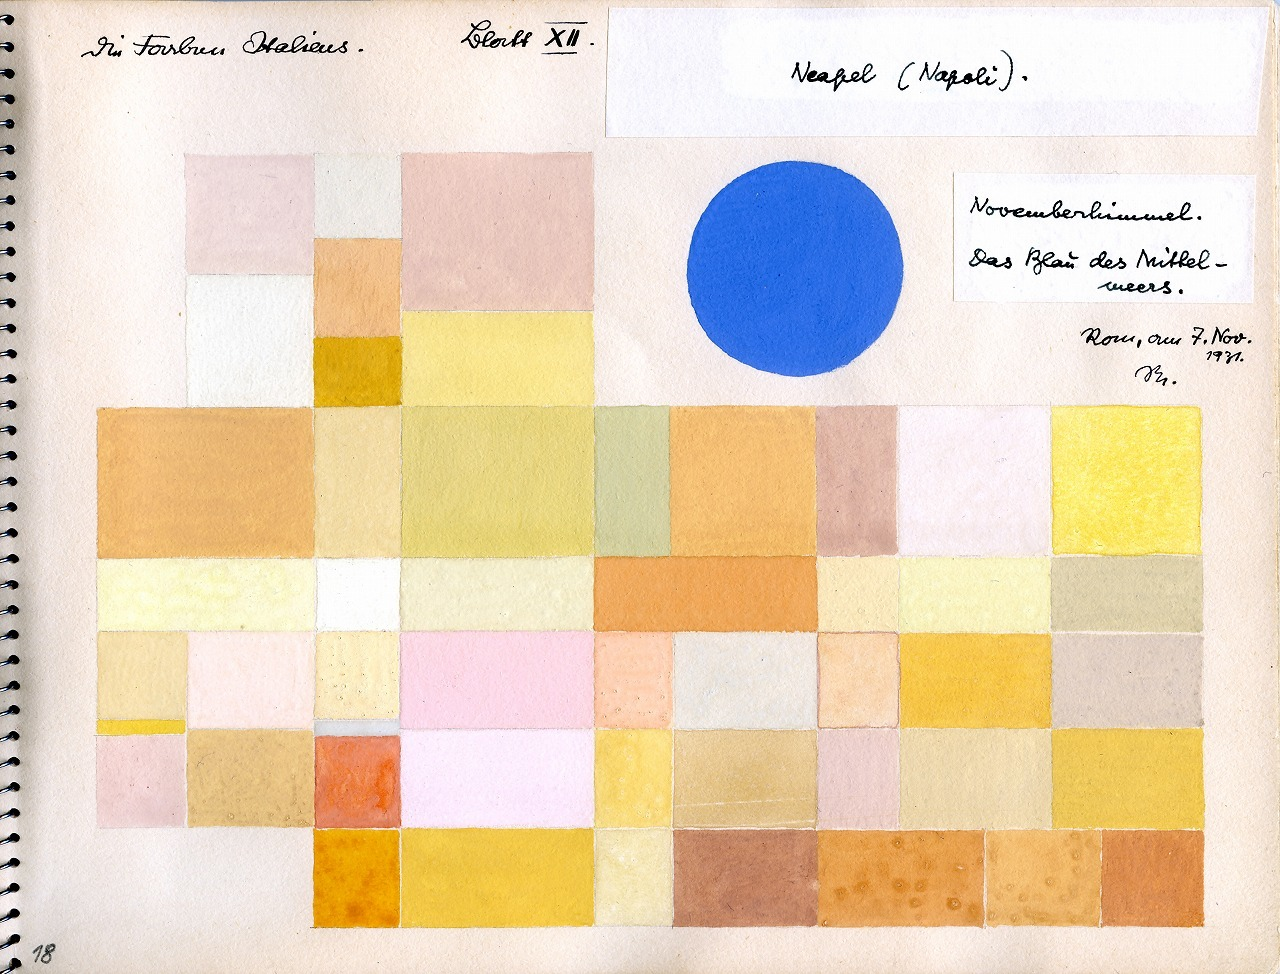 オットー・ネーベル 《ナポリ》『イタリアのカラーアトラス(色彩地図帳)』より、1931年、インク、グアッシュ・紙、 オットー・ネーベル財団